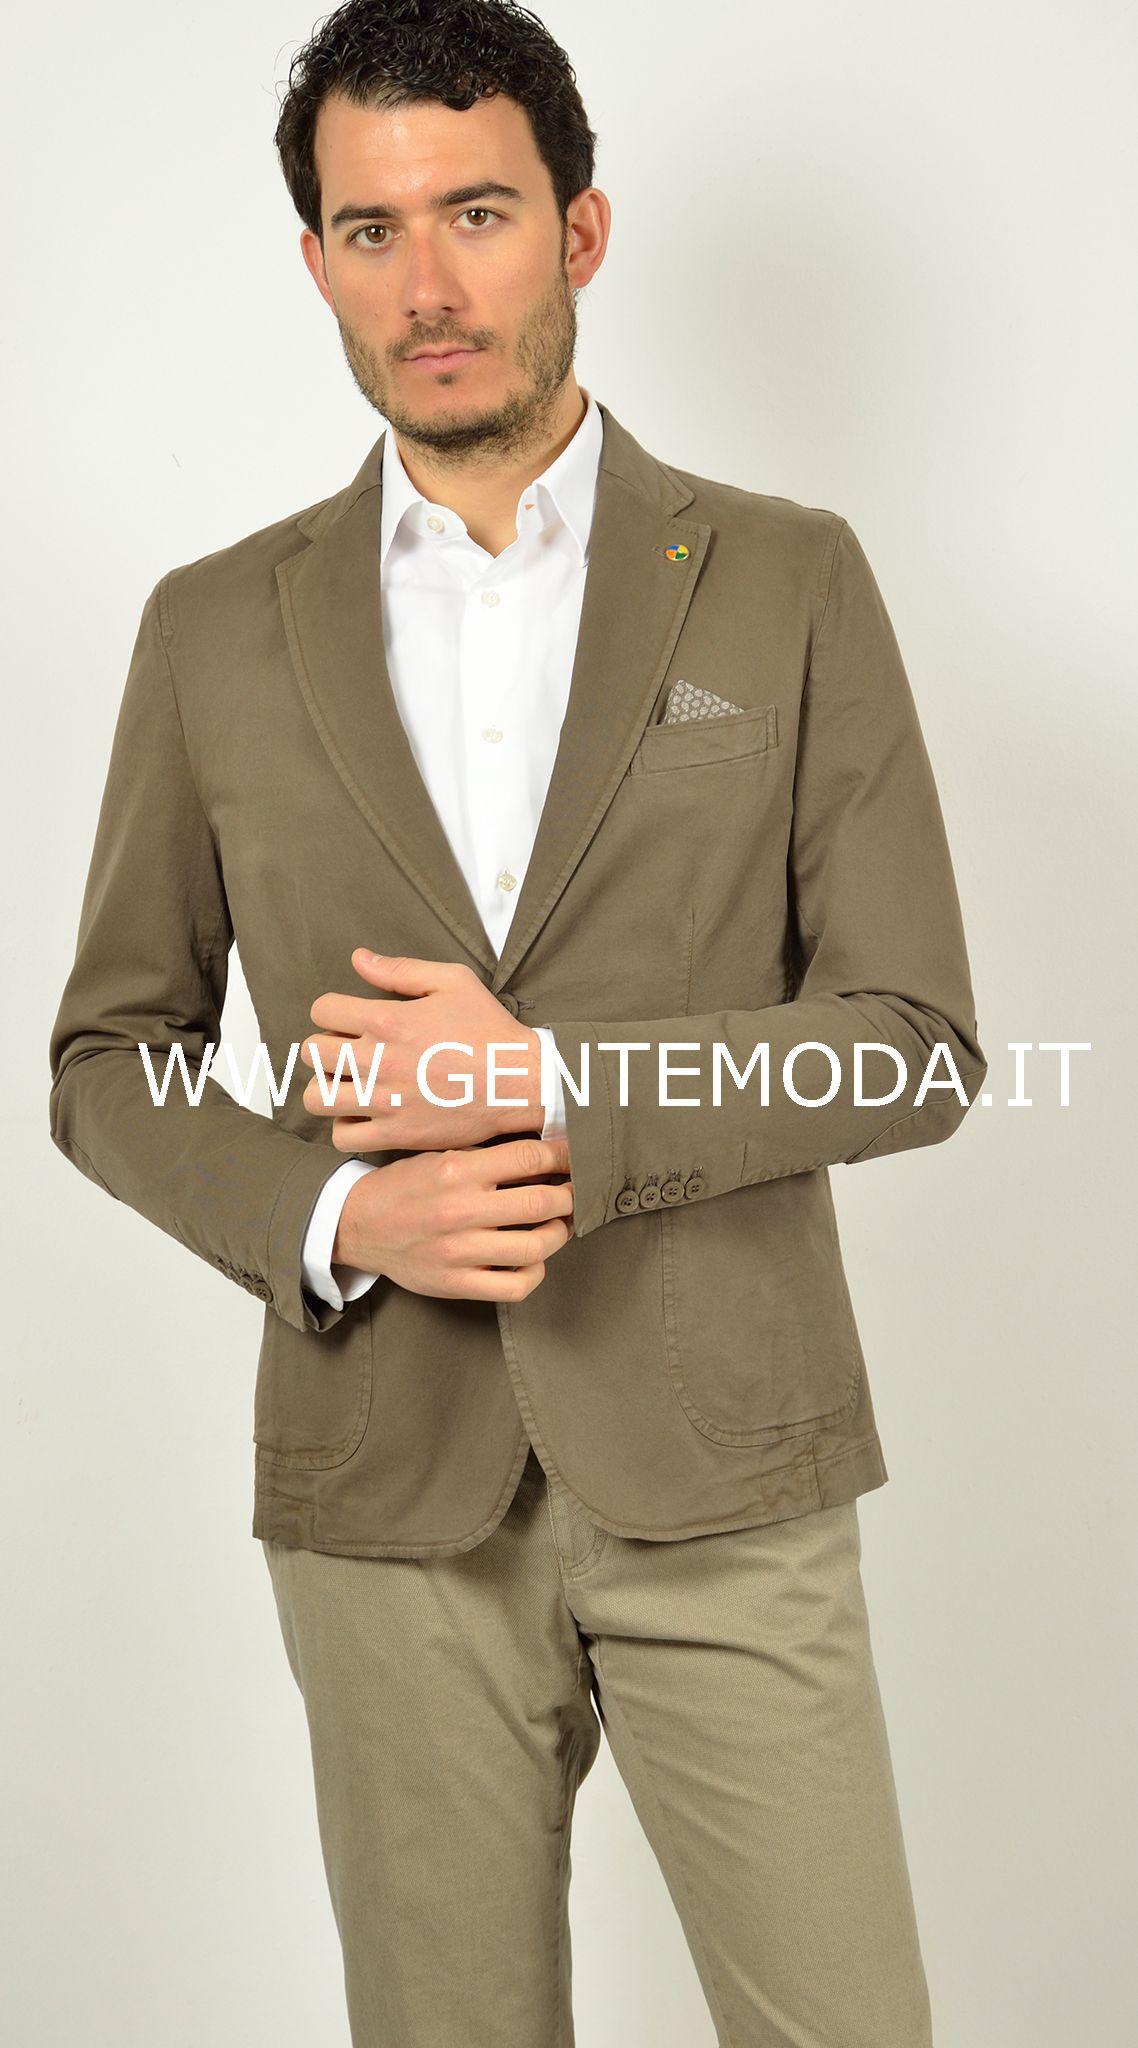 giacca beige sportiva da uomo estiva